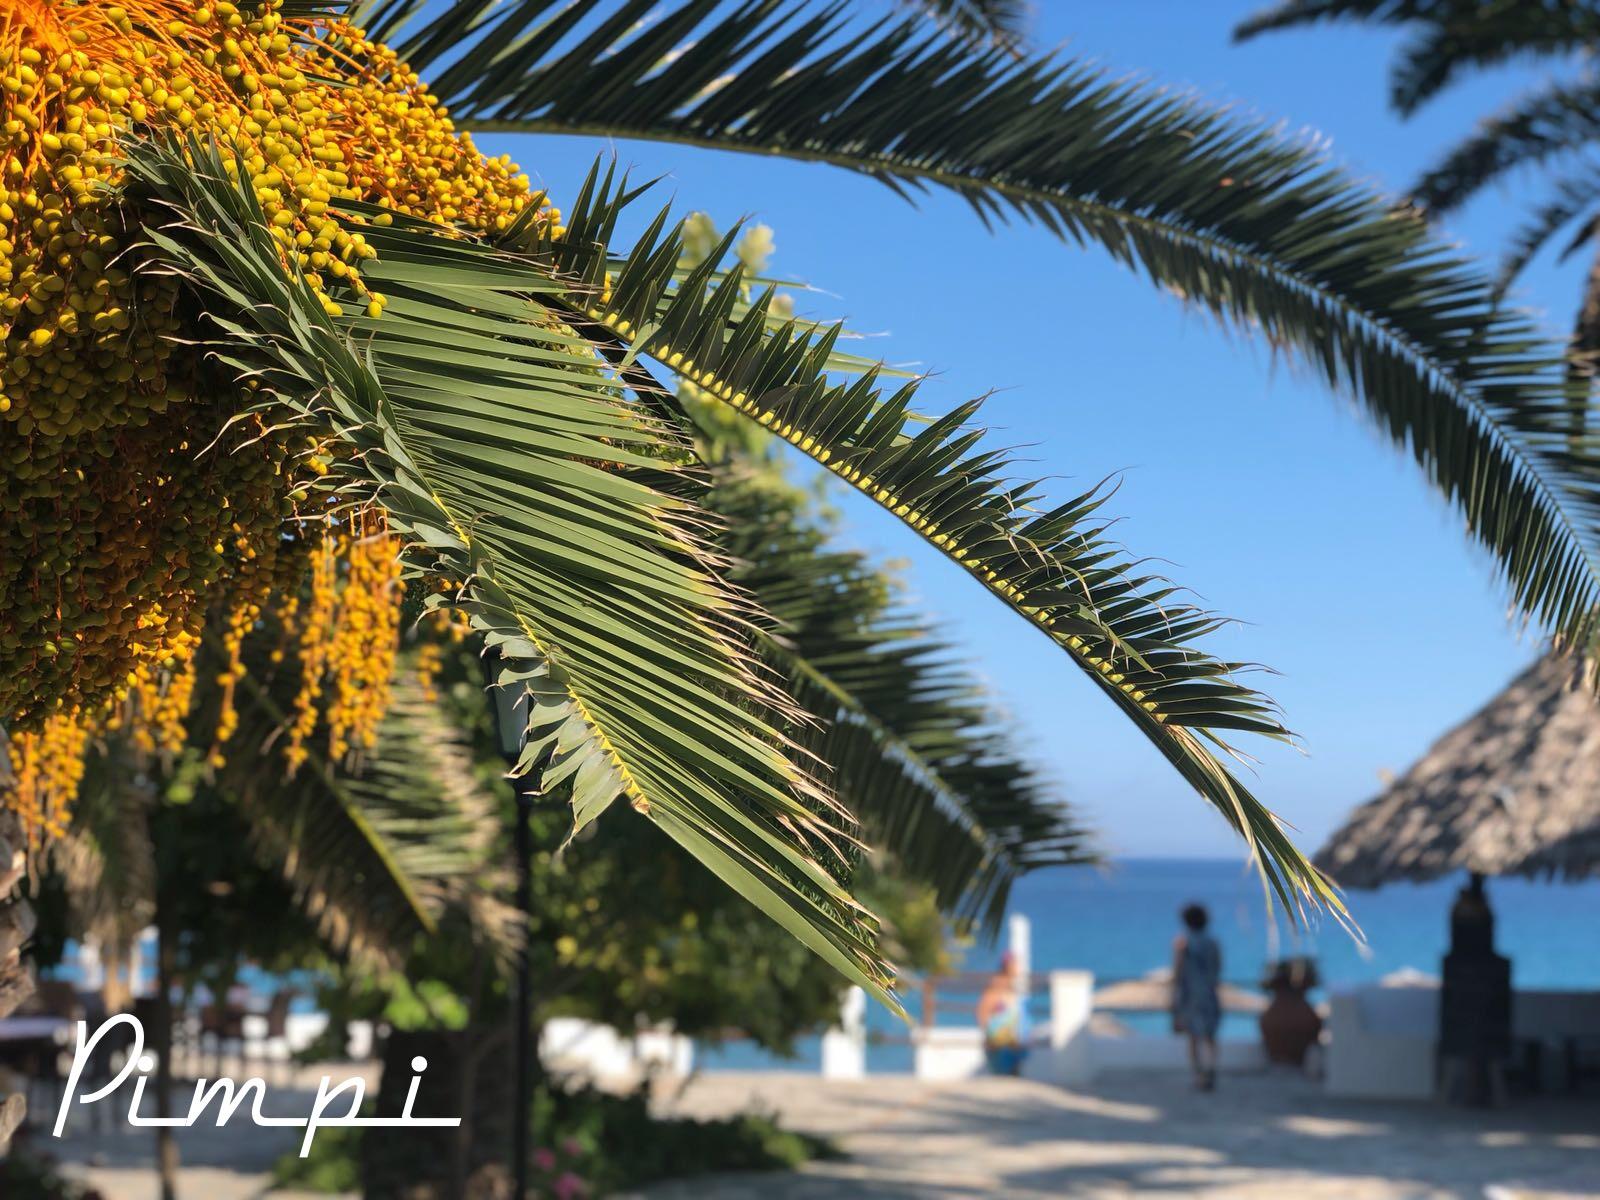 pimpi-cestovanie-bábo-bábätko-more-leto-pláž-výhody-nevýhodyy-cestovná kancelária-cestovná agentúra-vlastná päsť-cestueme sami